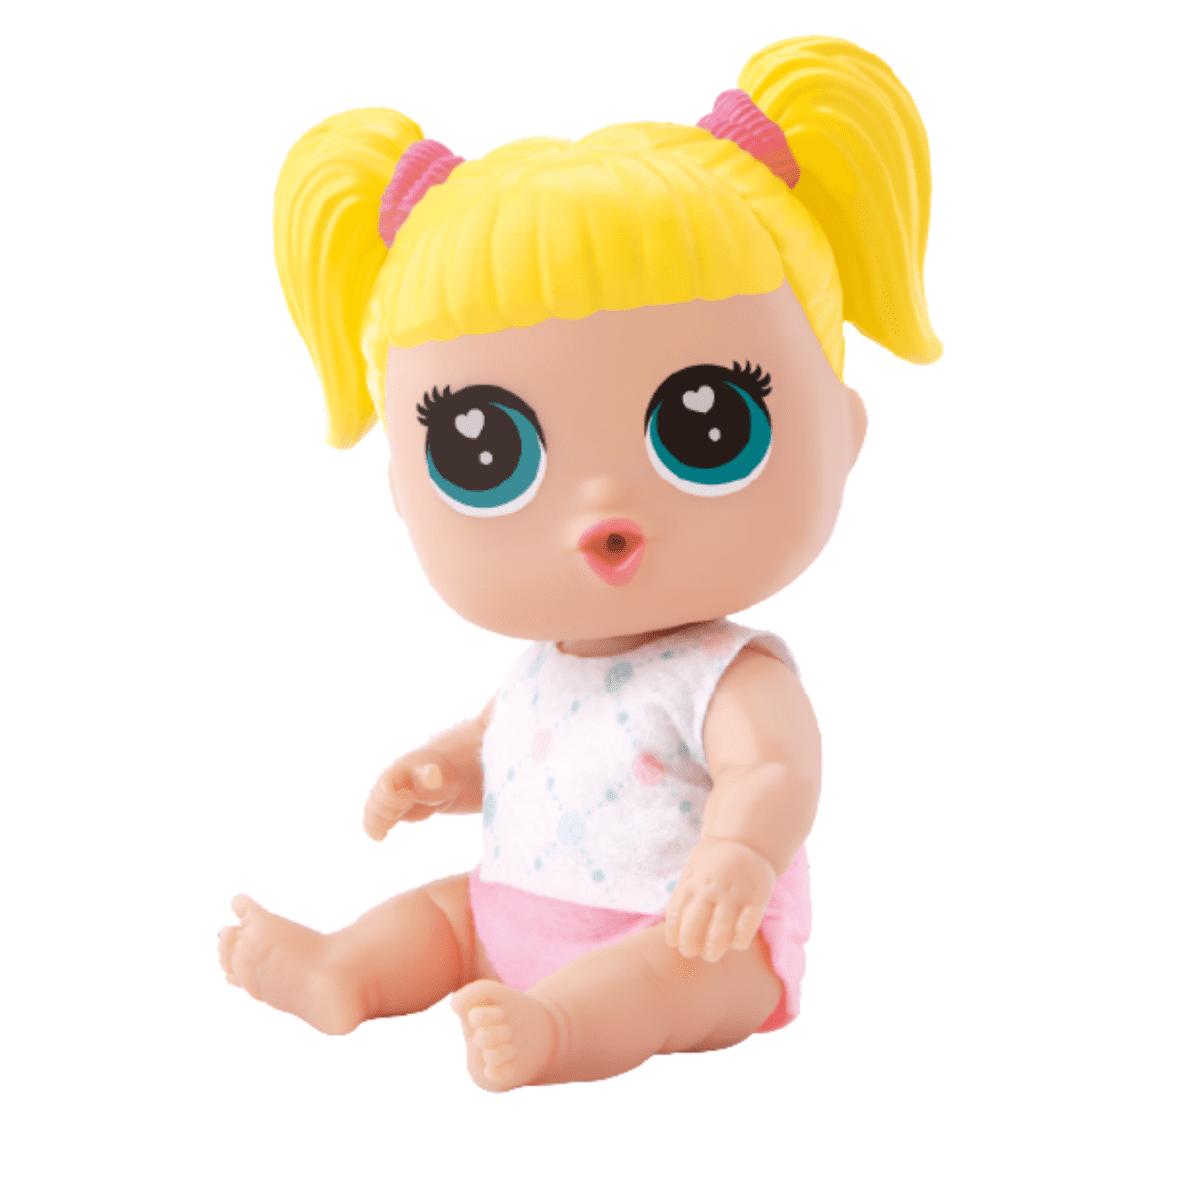 Bonequinha Para Meninas Baby Buddies Bag Cuidadinho - Bambola